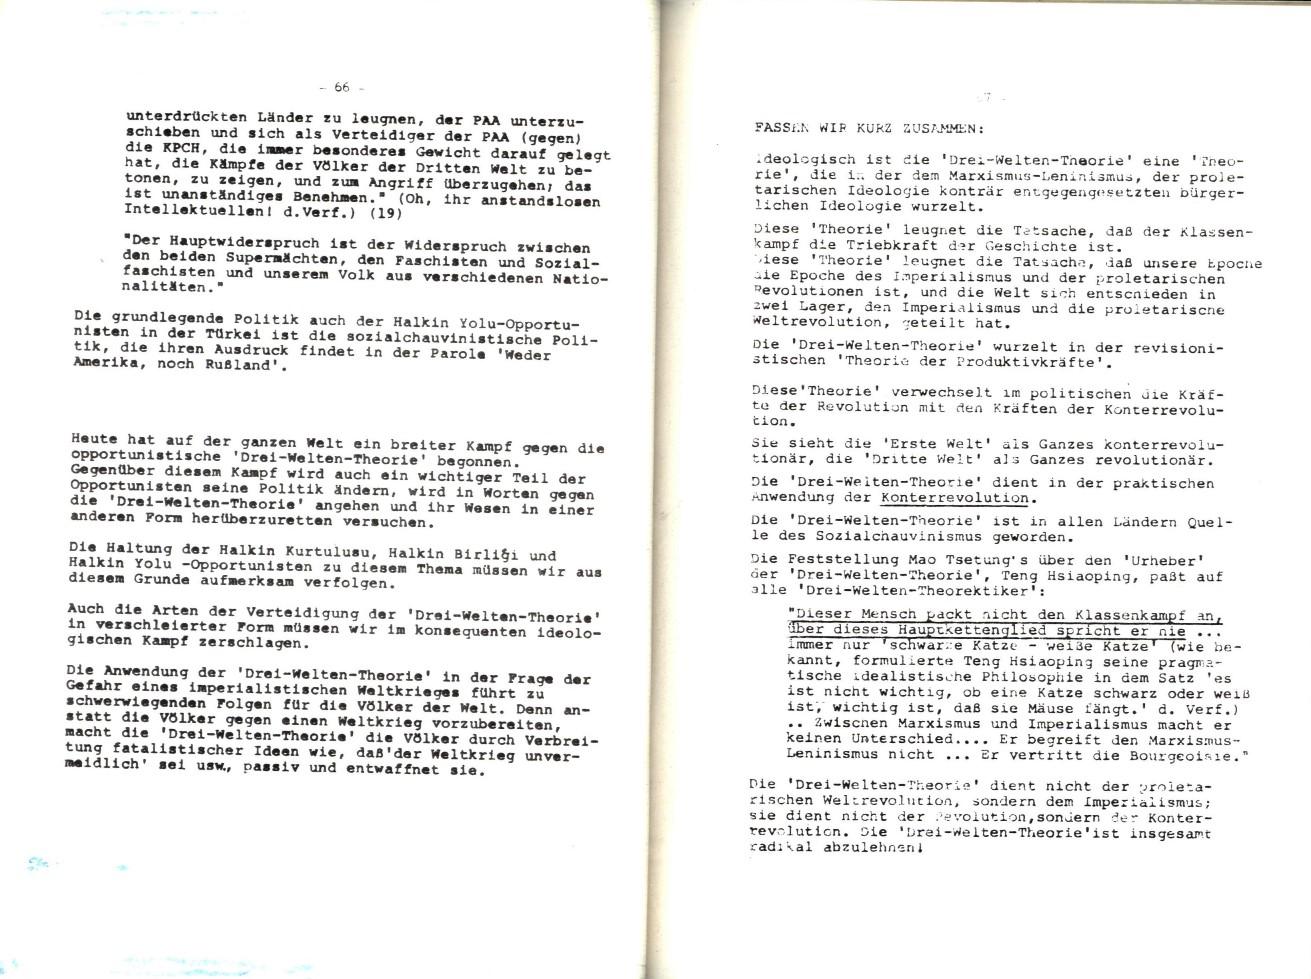 MLSK_Theorie_und_Praxis_des_ML_1978_21_42